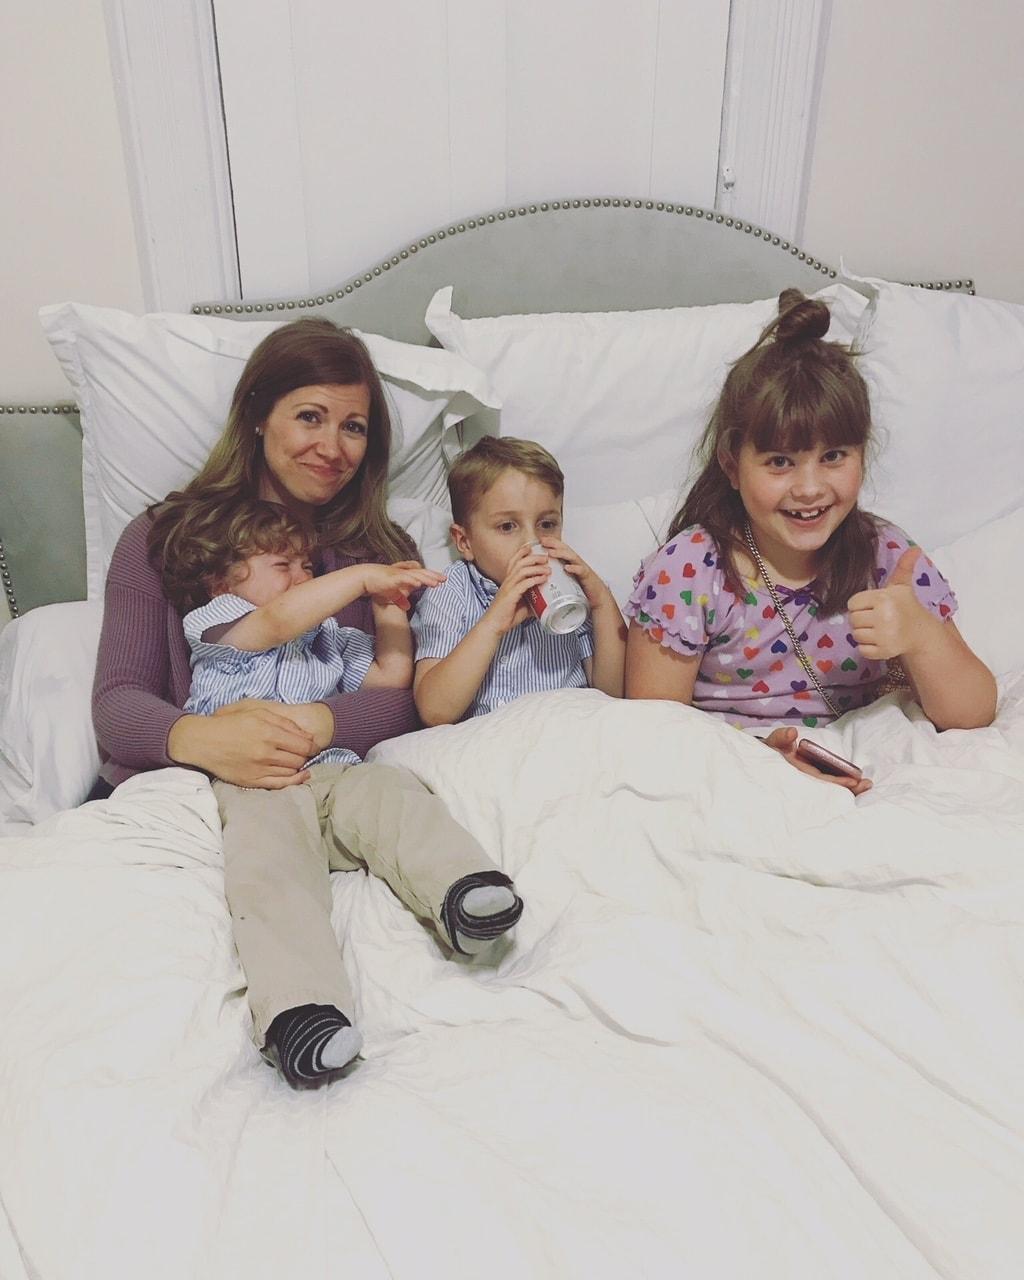 Lauren and the kids in bed